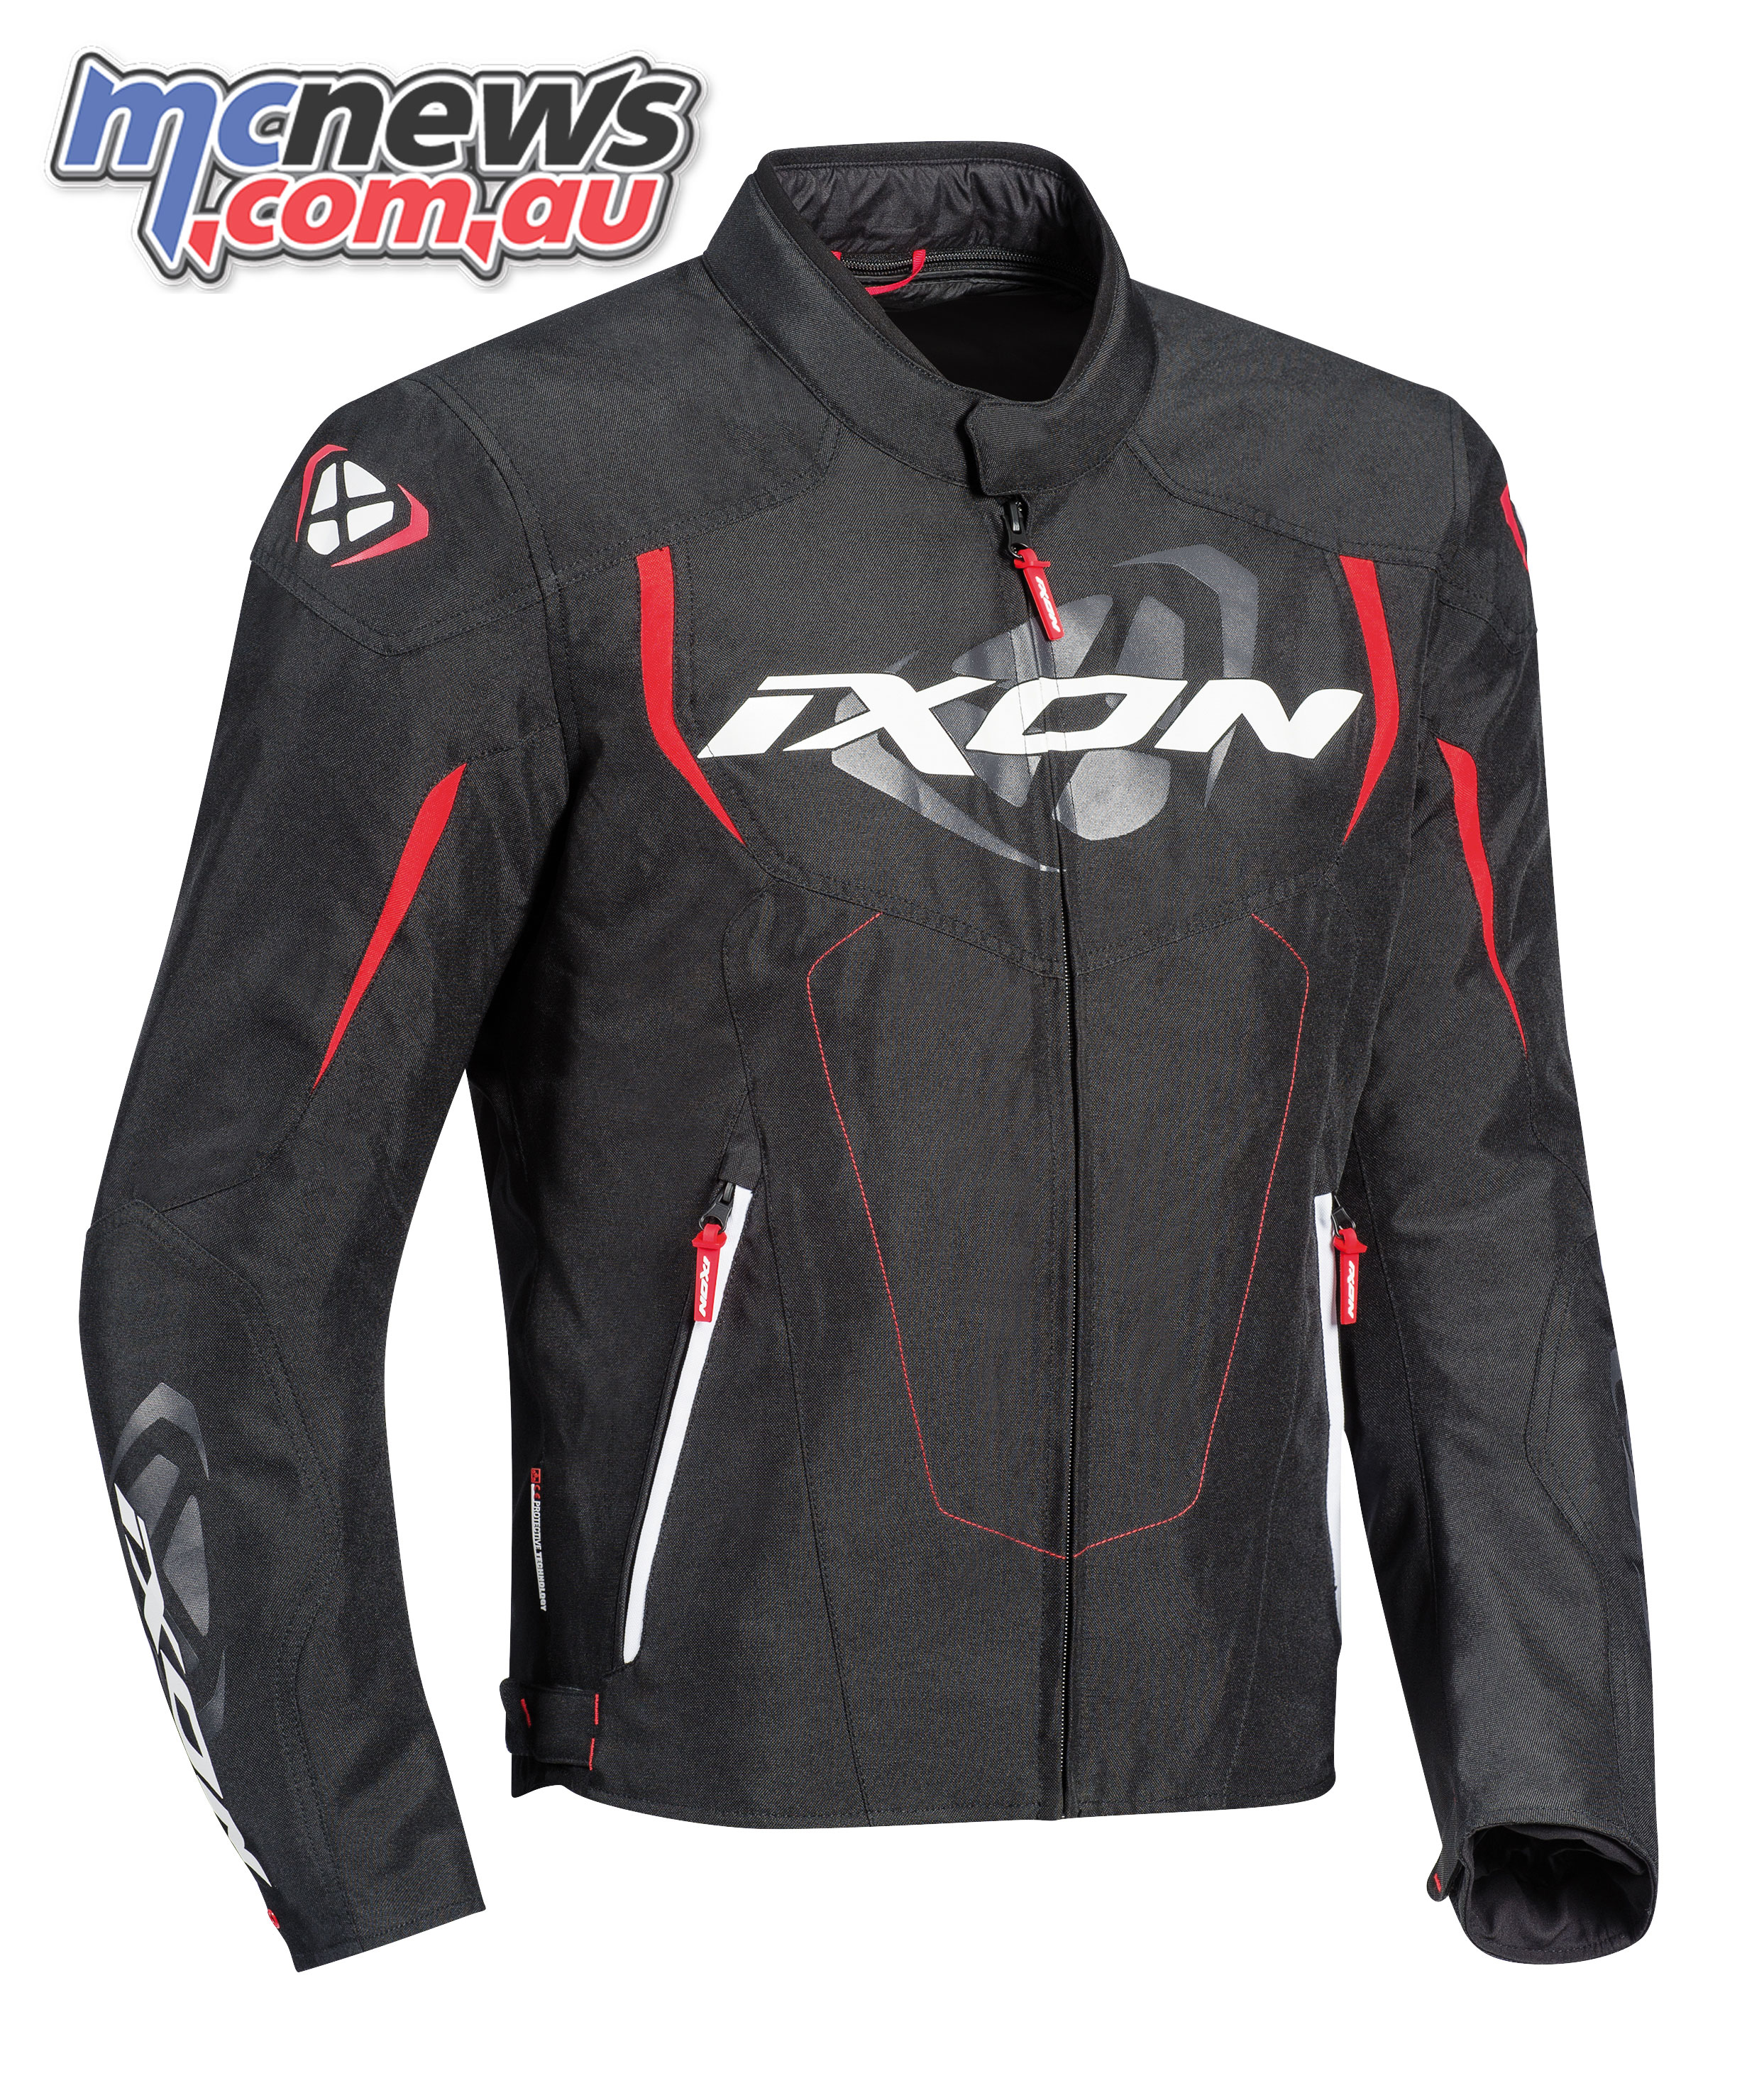 Ixon Cobra - $299.95 RRP